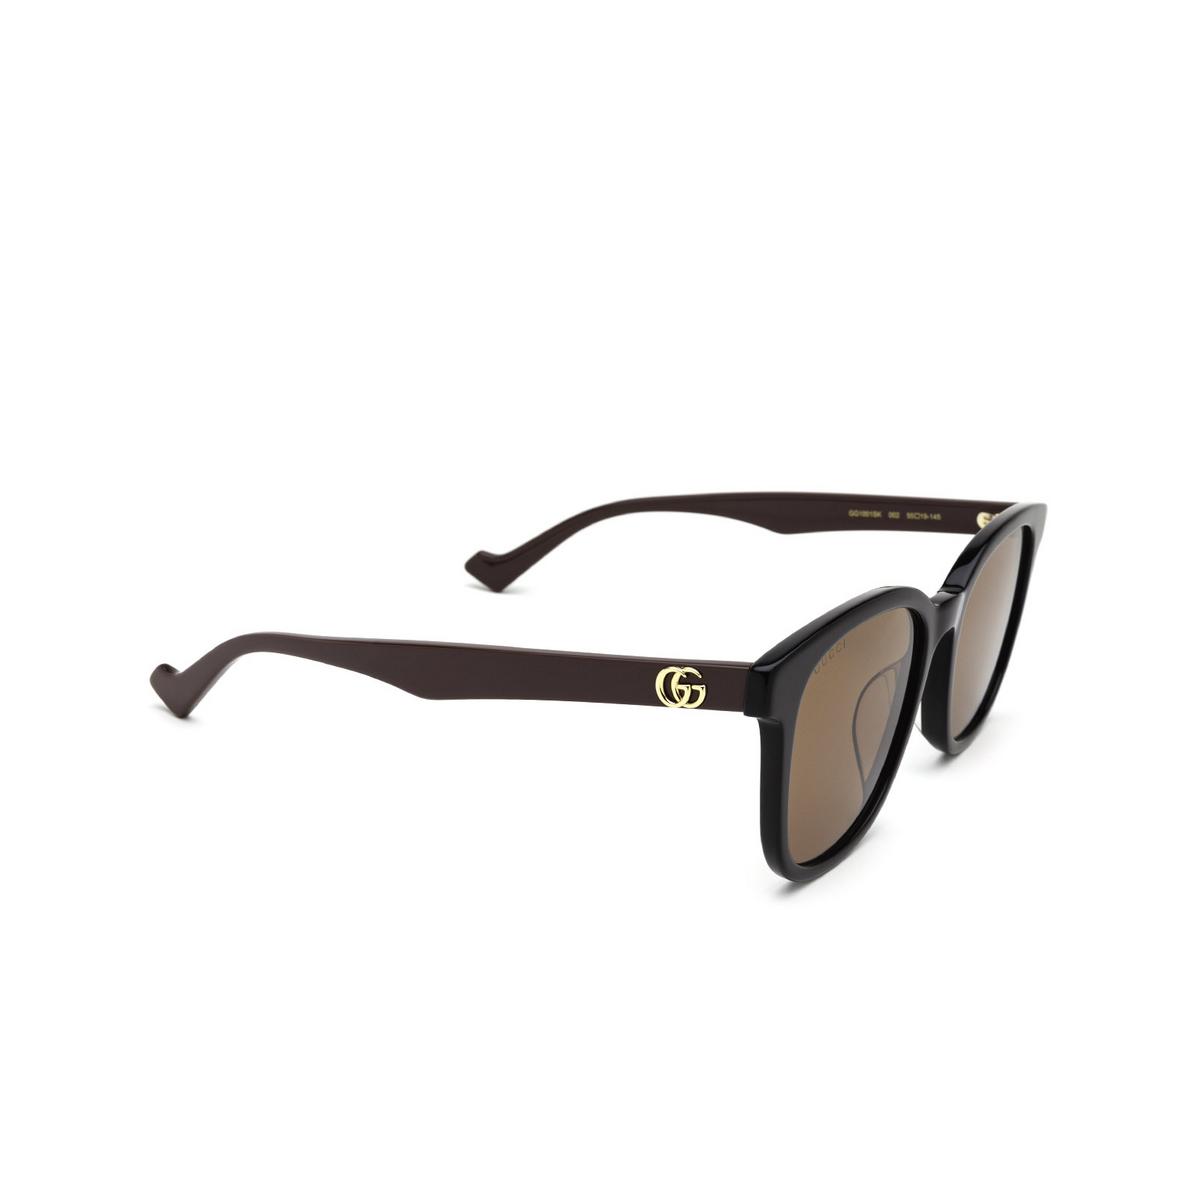 Gucci® Square Sunglasses: GG1001SK color Black 002 - three-quarters view.